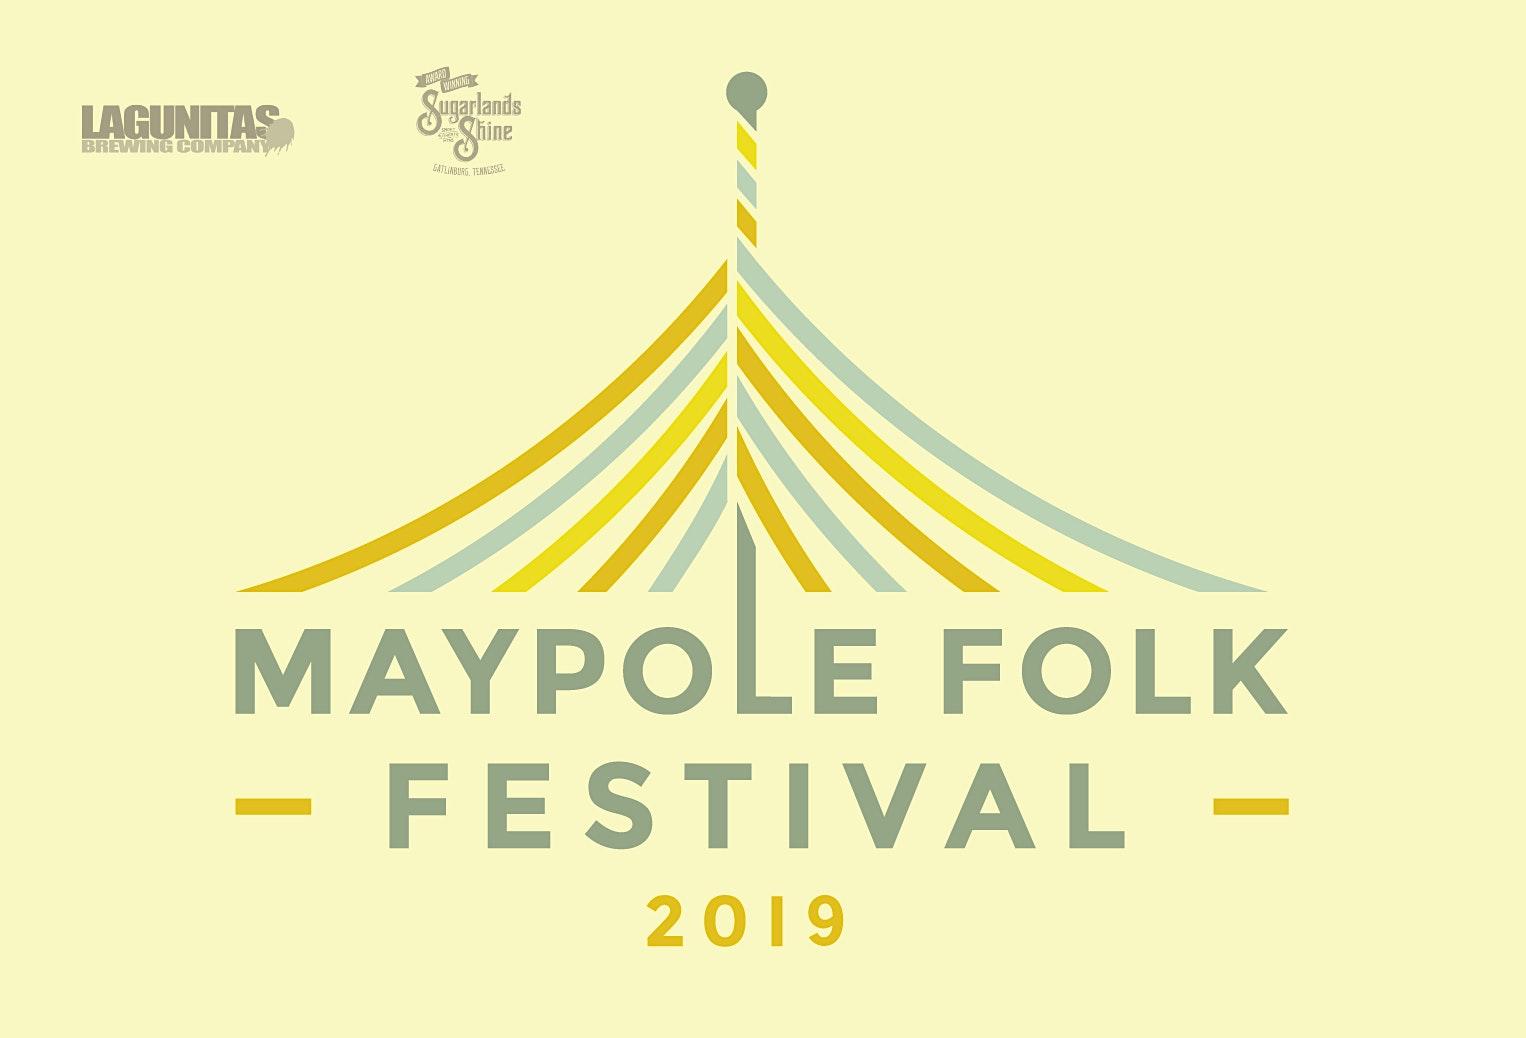 Maypole Folk Festival 2019